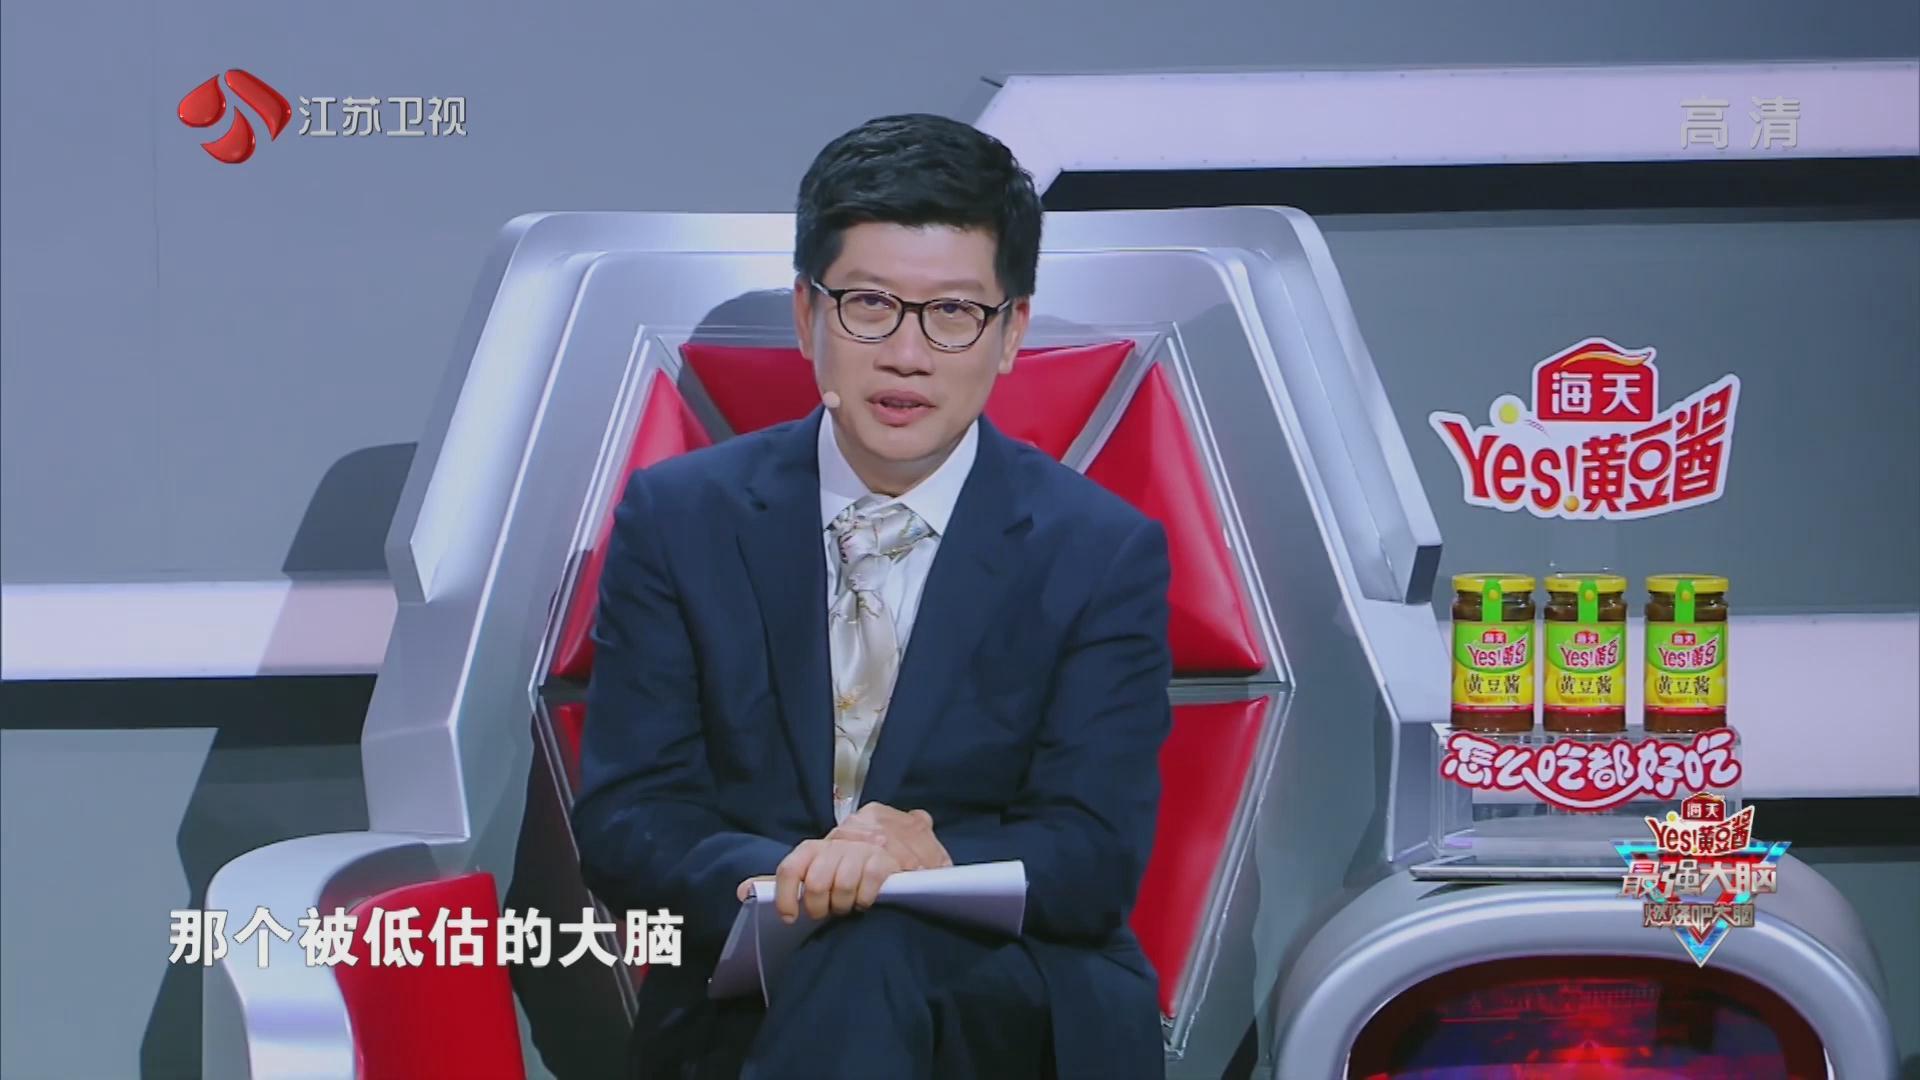 最强大脑:杨轶从C圈一路杀到A圈,成为薛教授要找的大脑!